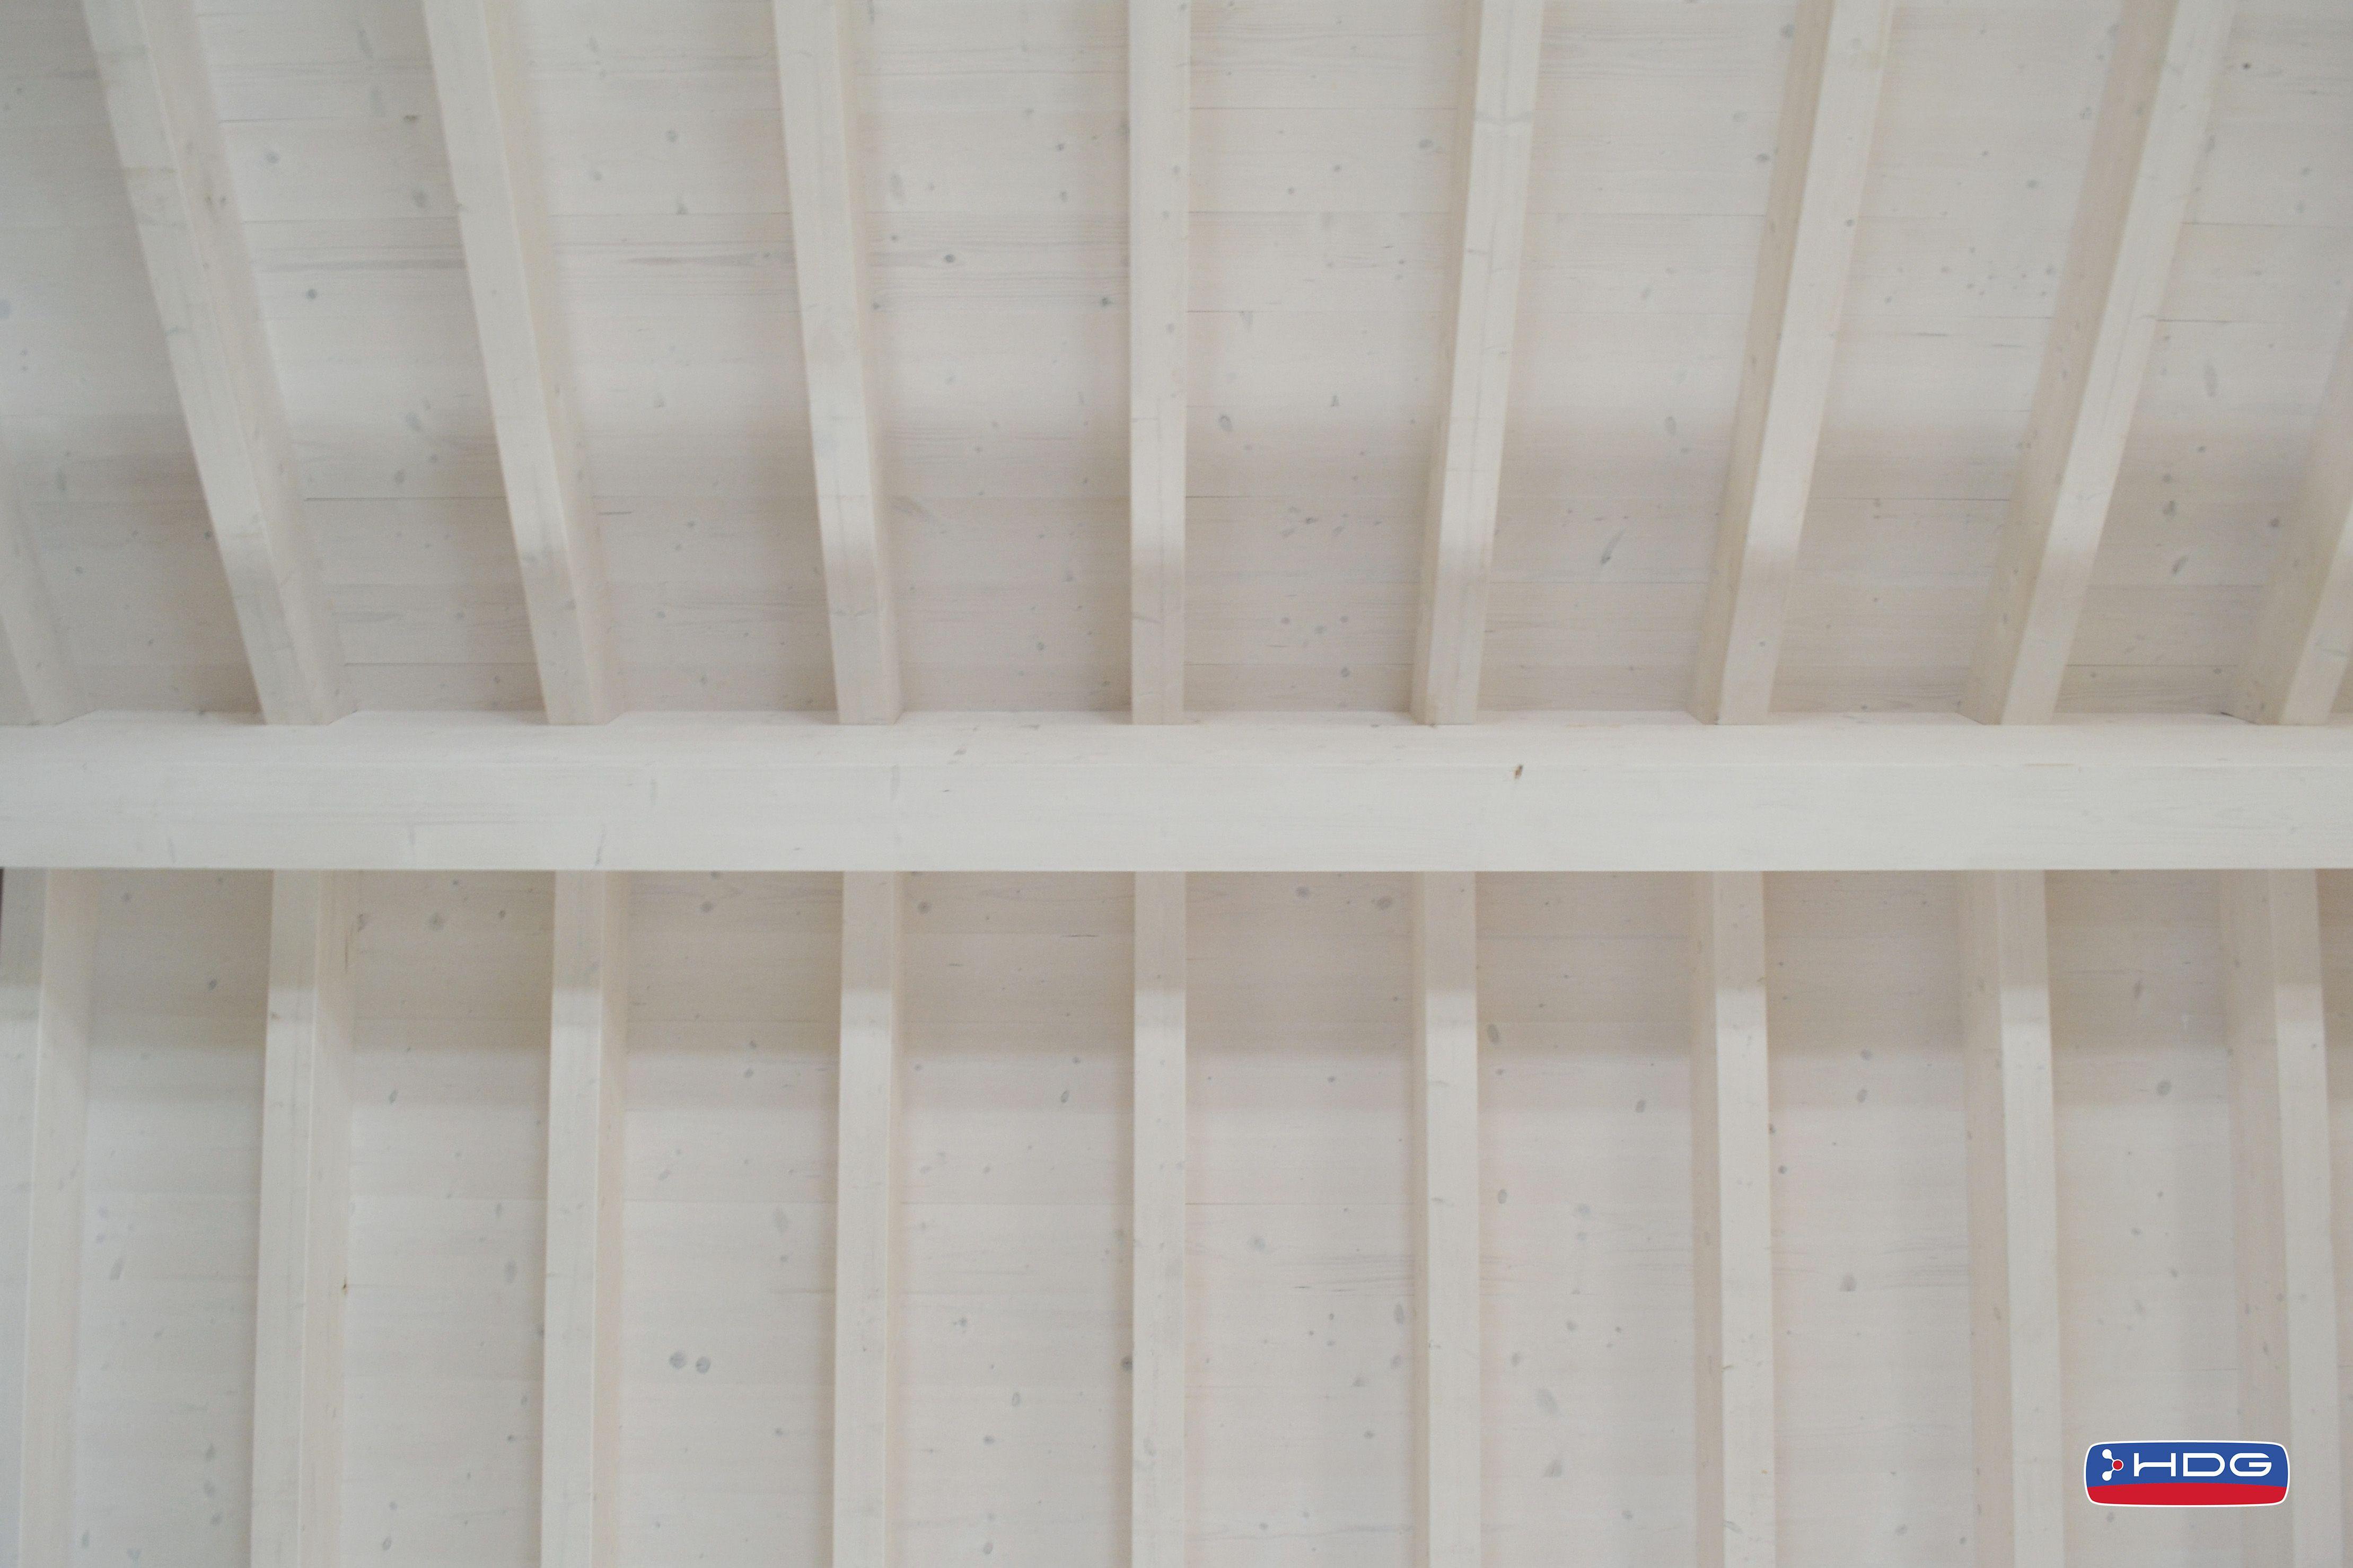 Copertura In Legno Bianco : Copertura in legno trattata con lignum biancolegno impregnante